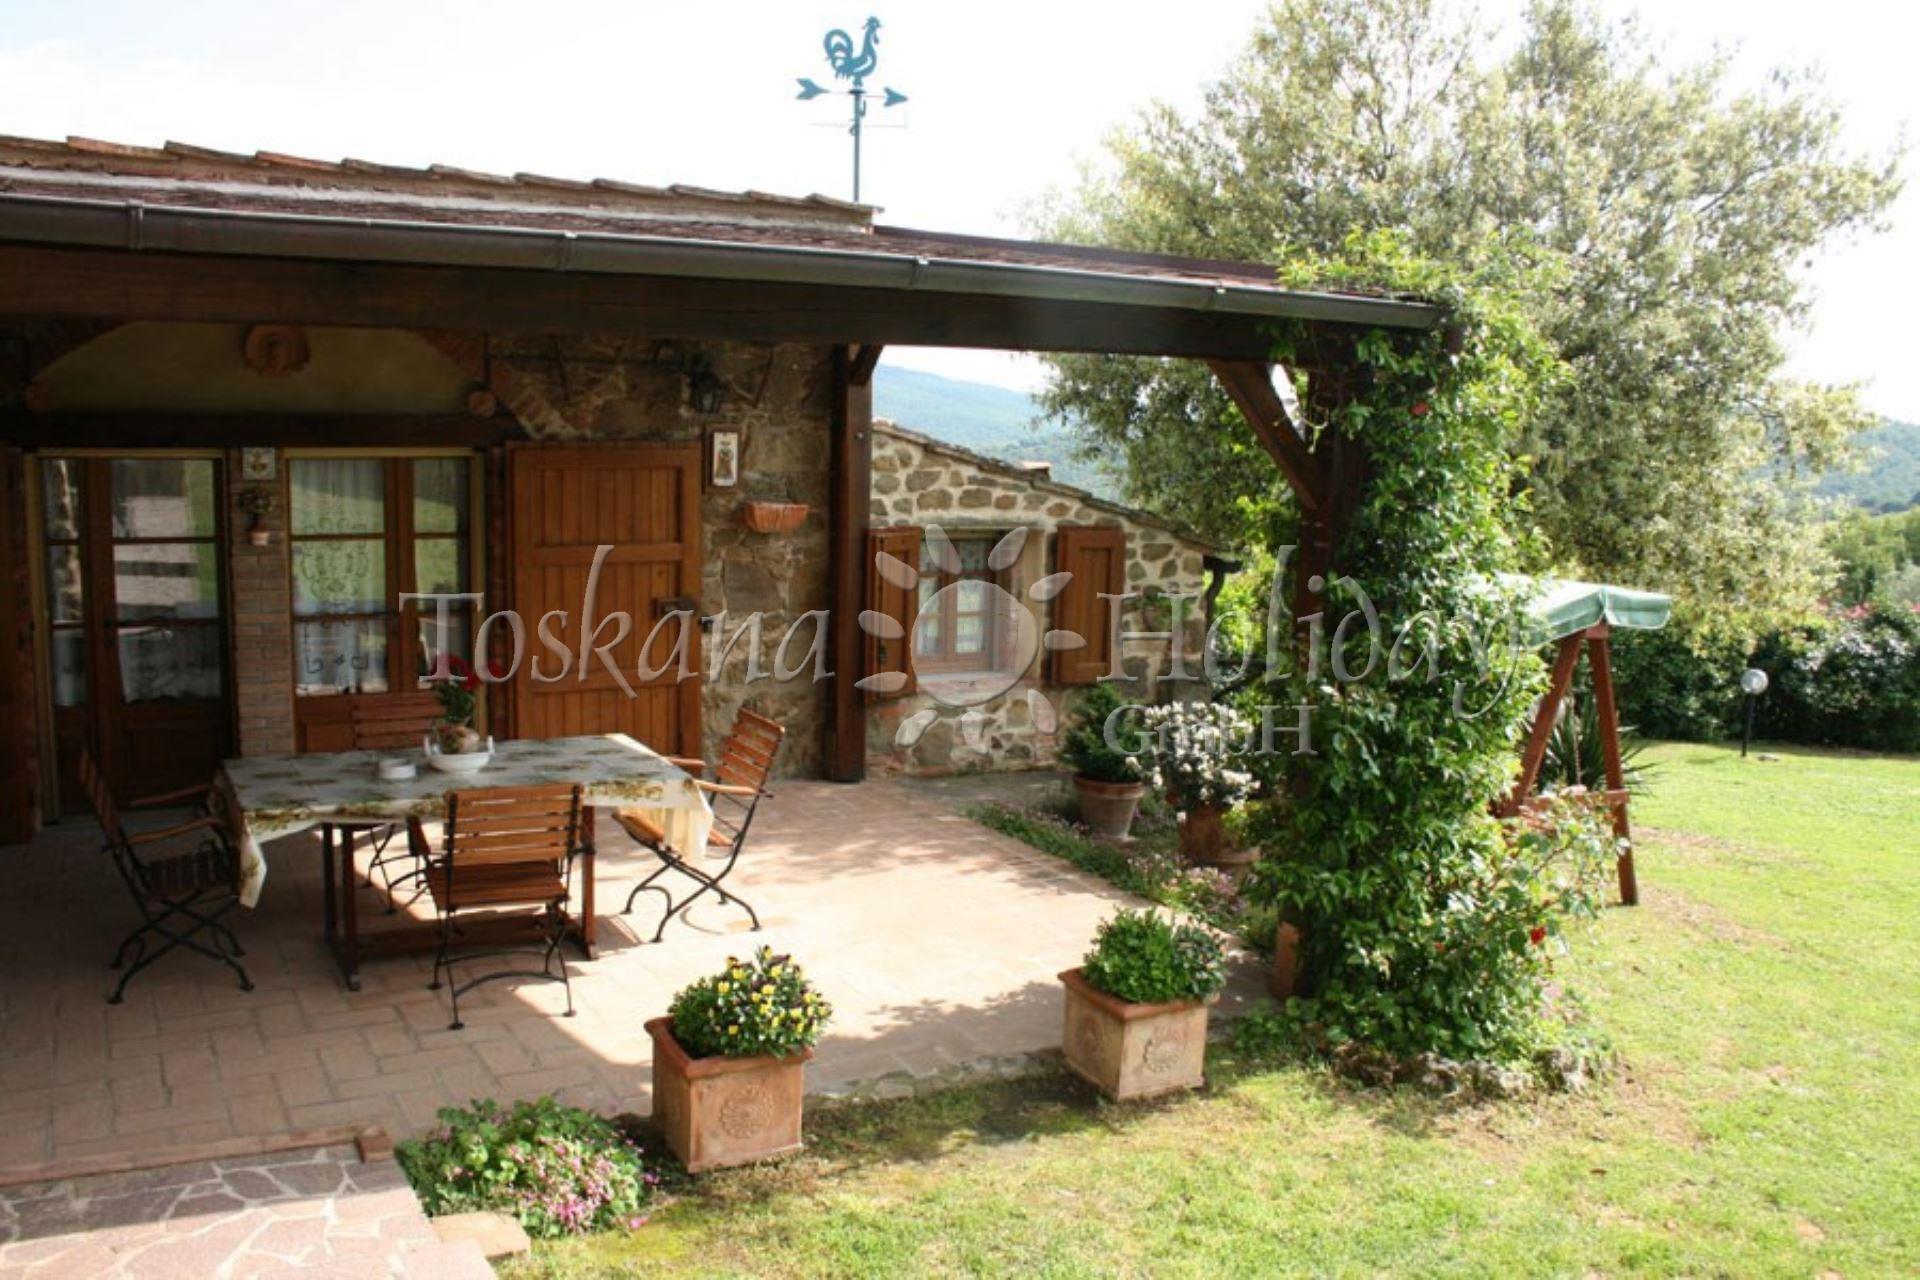 Gepflegtes ferienhaus in der toskana mit pool garten gute ausstattung 6 bis 8 personen - Toskana garten ...